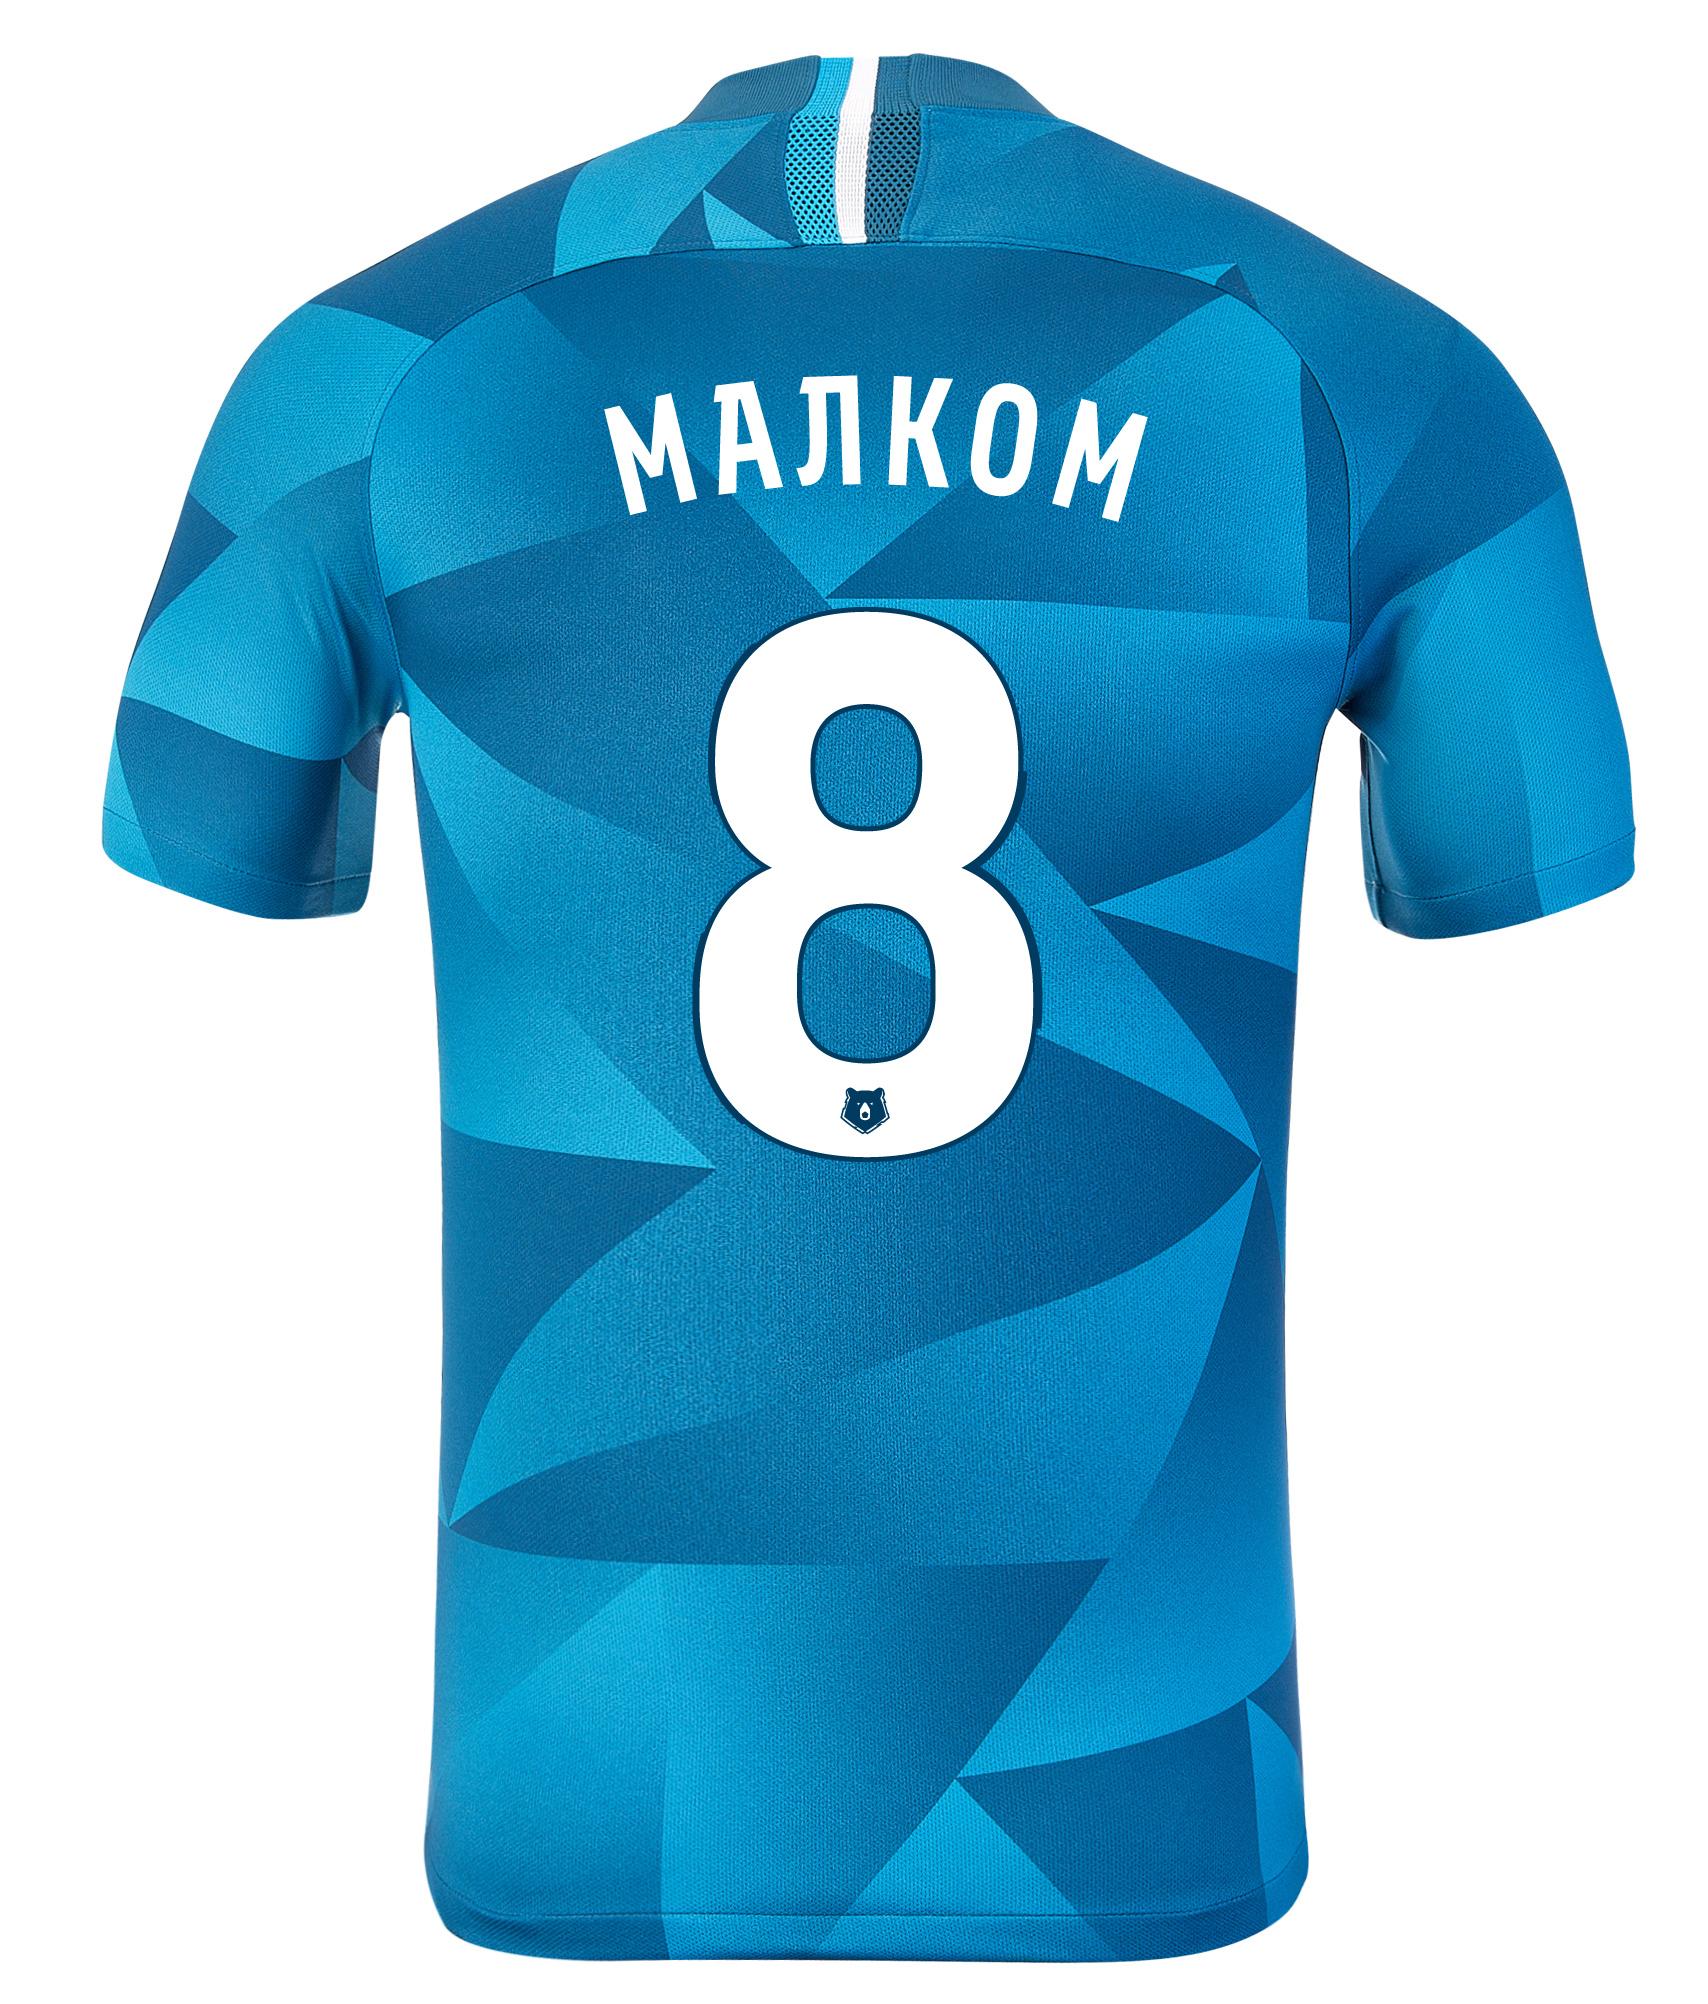 Домашняя игровая футболка Nike «Малком 8» 2019/20 Зенит Цвет-Синий цены онлайн